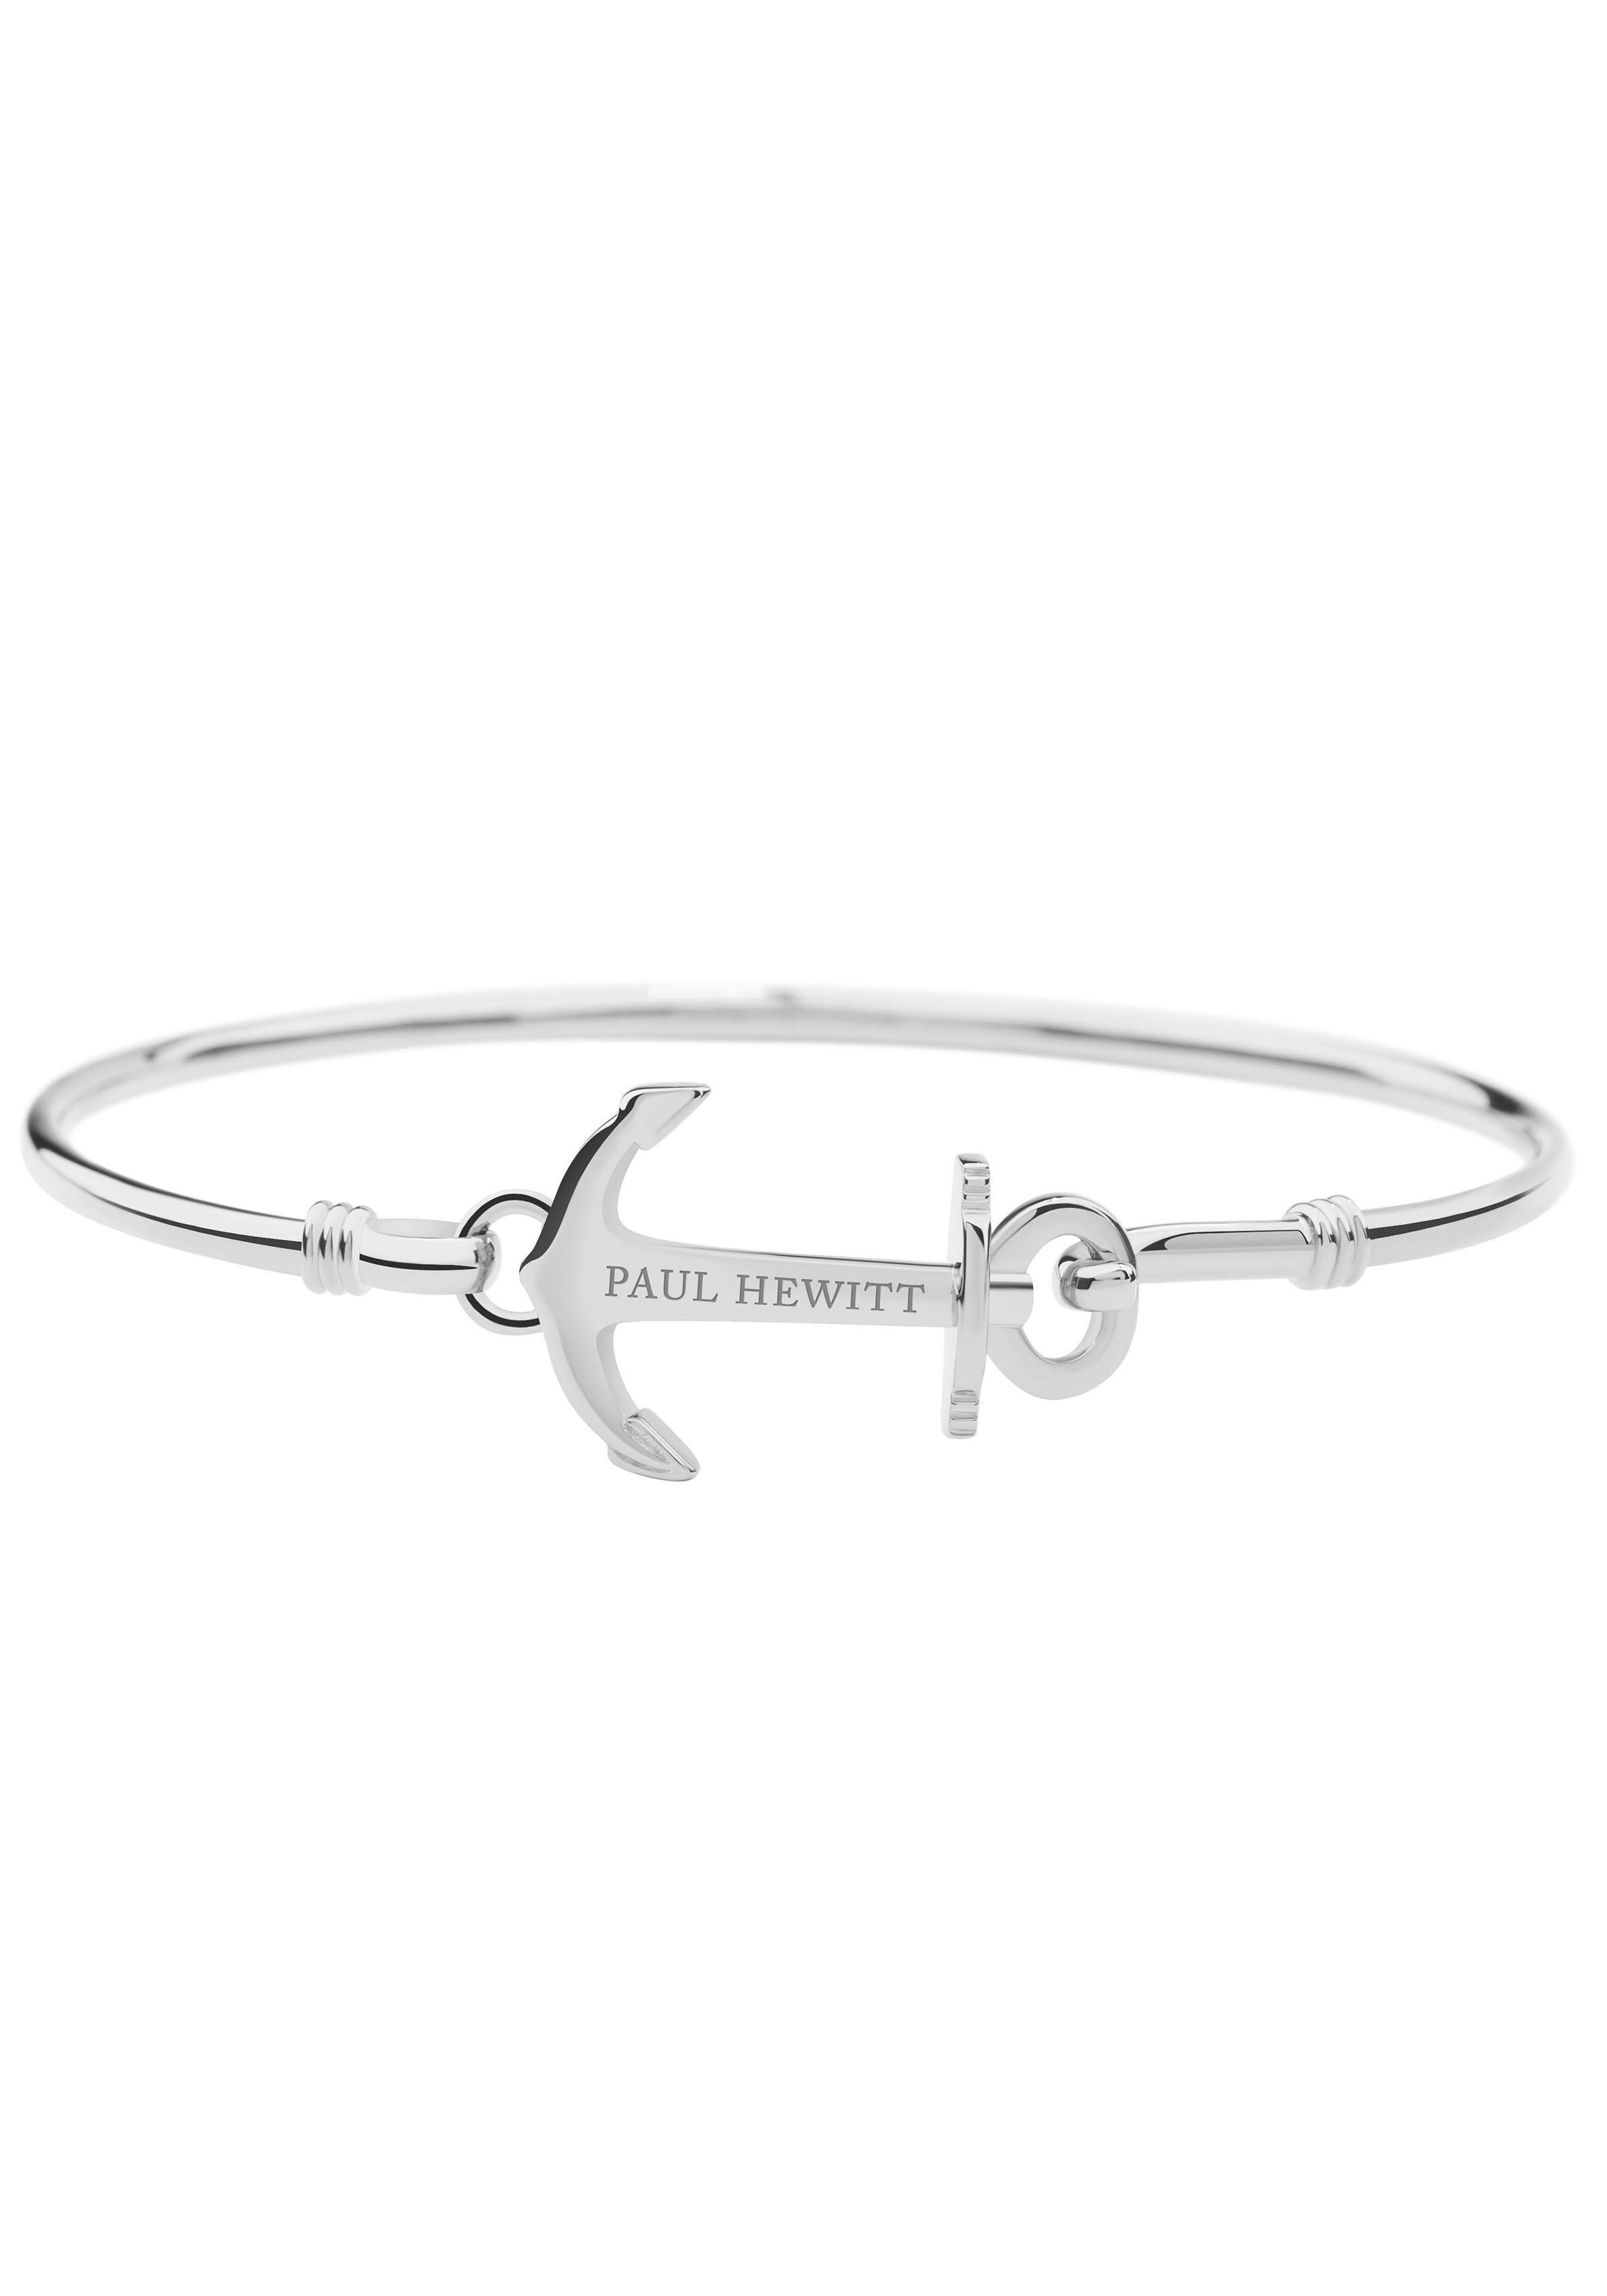 Paul Hewitt armband »Armreif Anchor Cuff Edelstahl, Größe S, M, L, PH-BA-A-S-S, M, L« bij OTTO online kopen